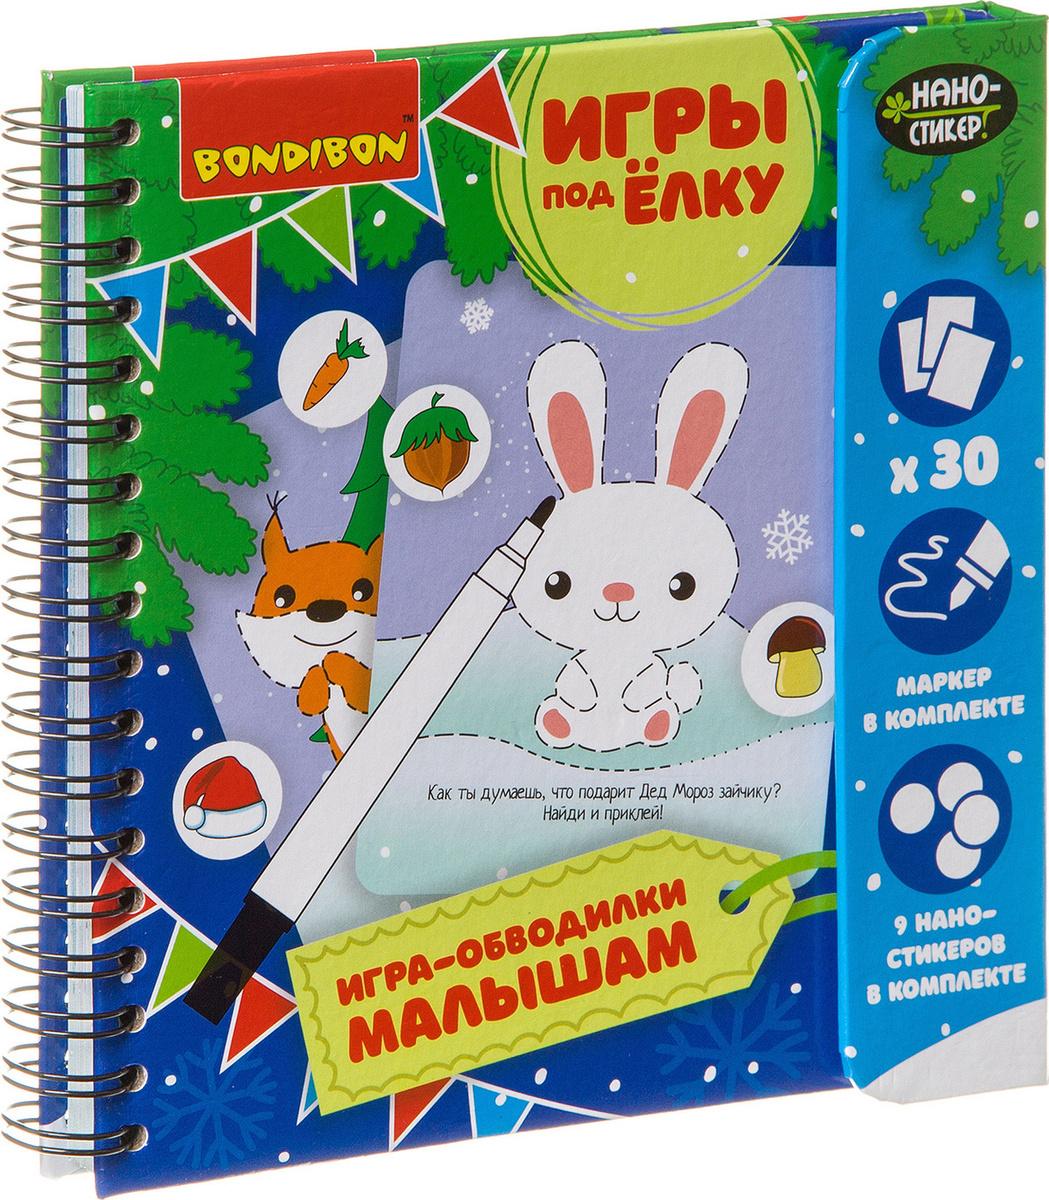 Обучающая игра Bondibon Игры под елку Игра-обводилки малышам Новогодняя серия, ВВ3551  #1